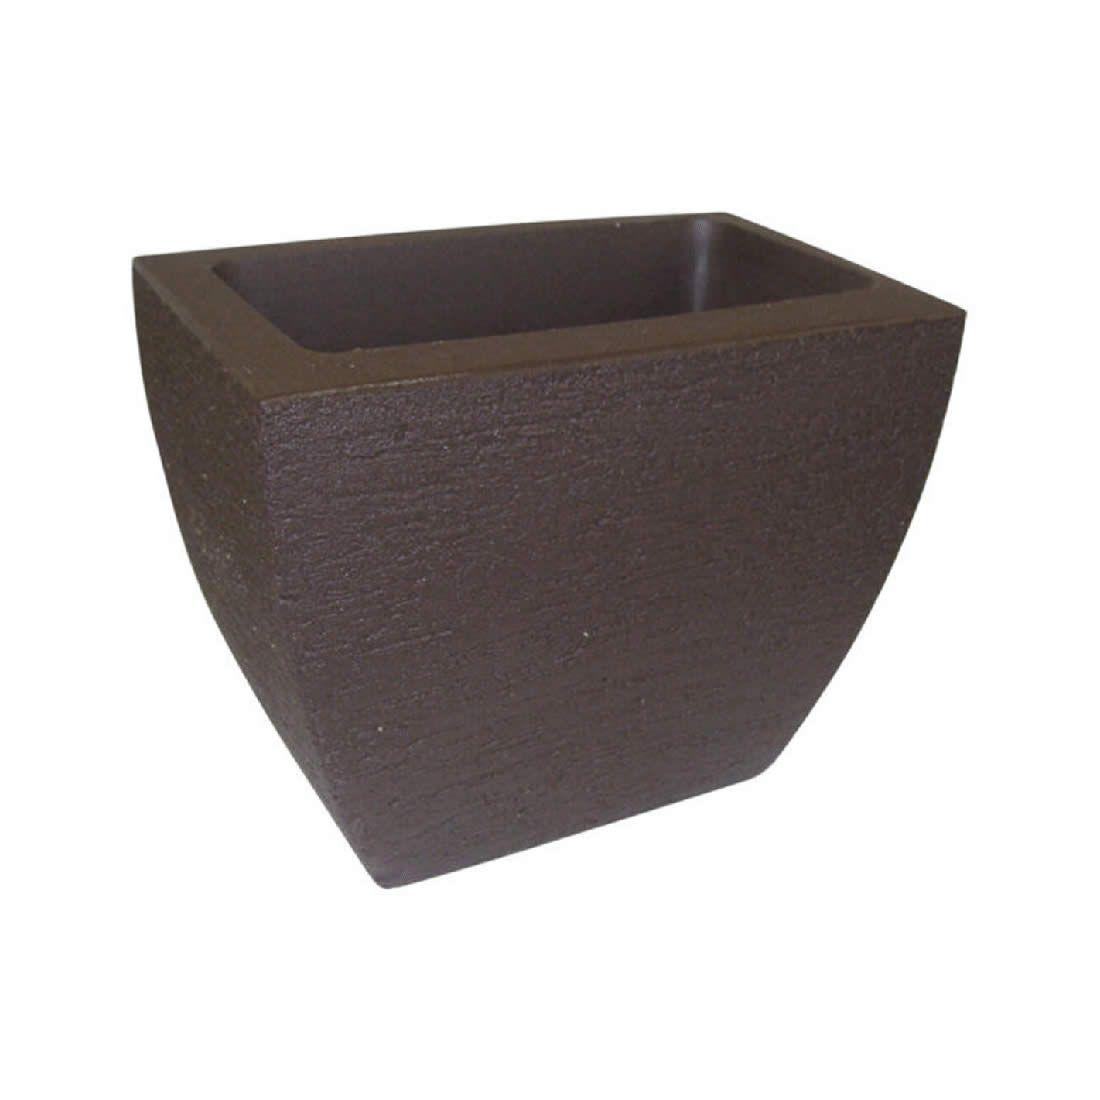 Vaso Para Planta Parede Mod 25 Café - Japi